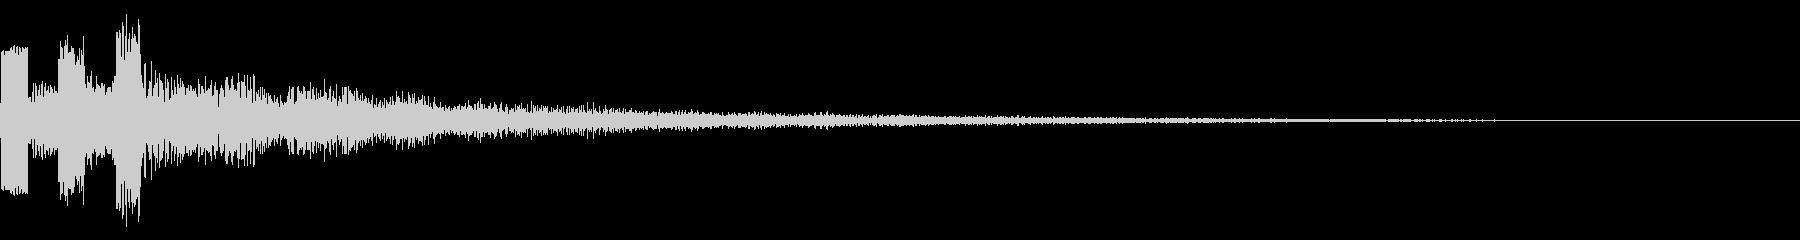 キラキラ/連鎖/コンボ/5回目の未再生の波形